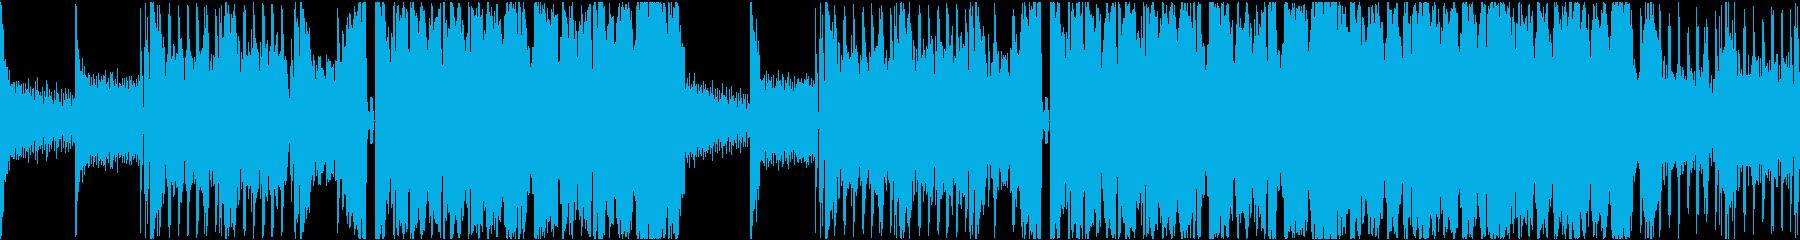 異空間バトルBGMの再生済みの波形